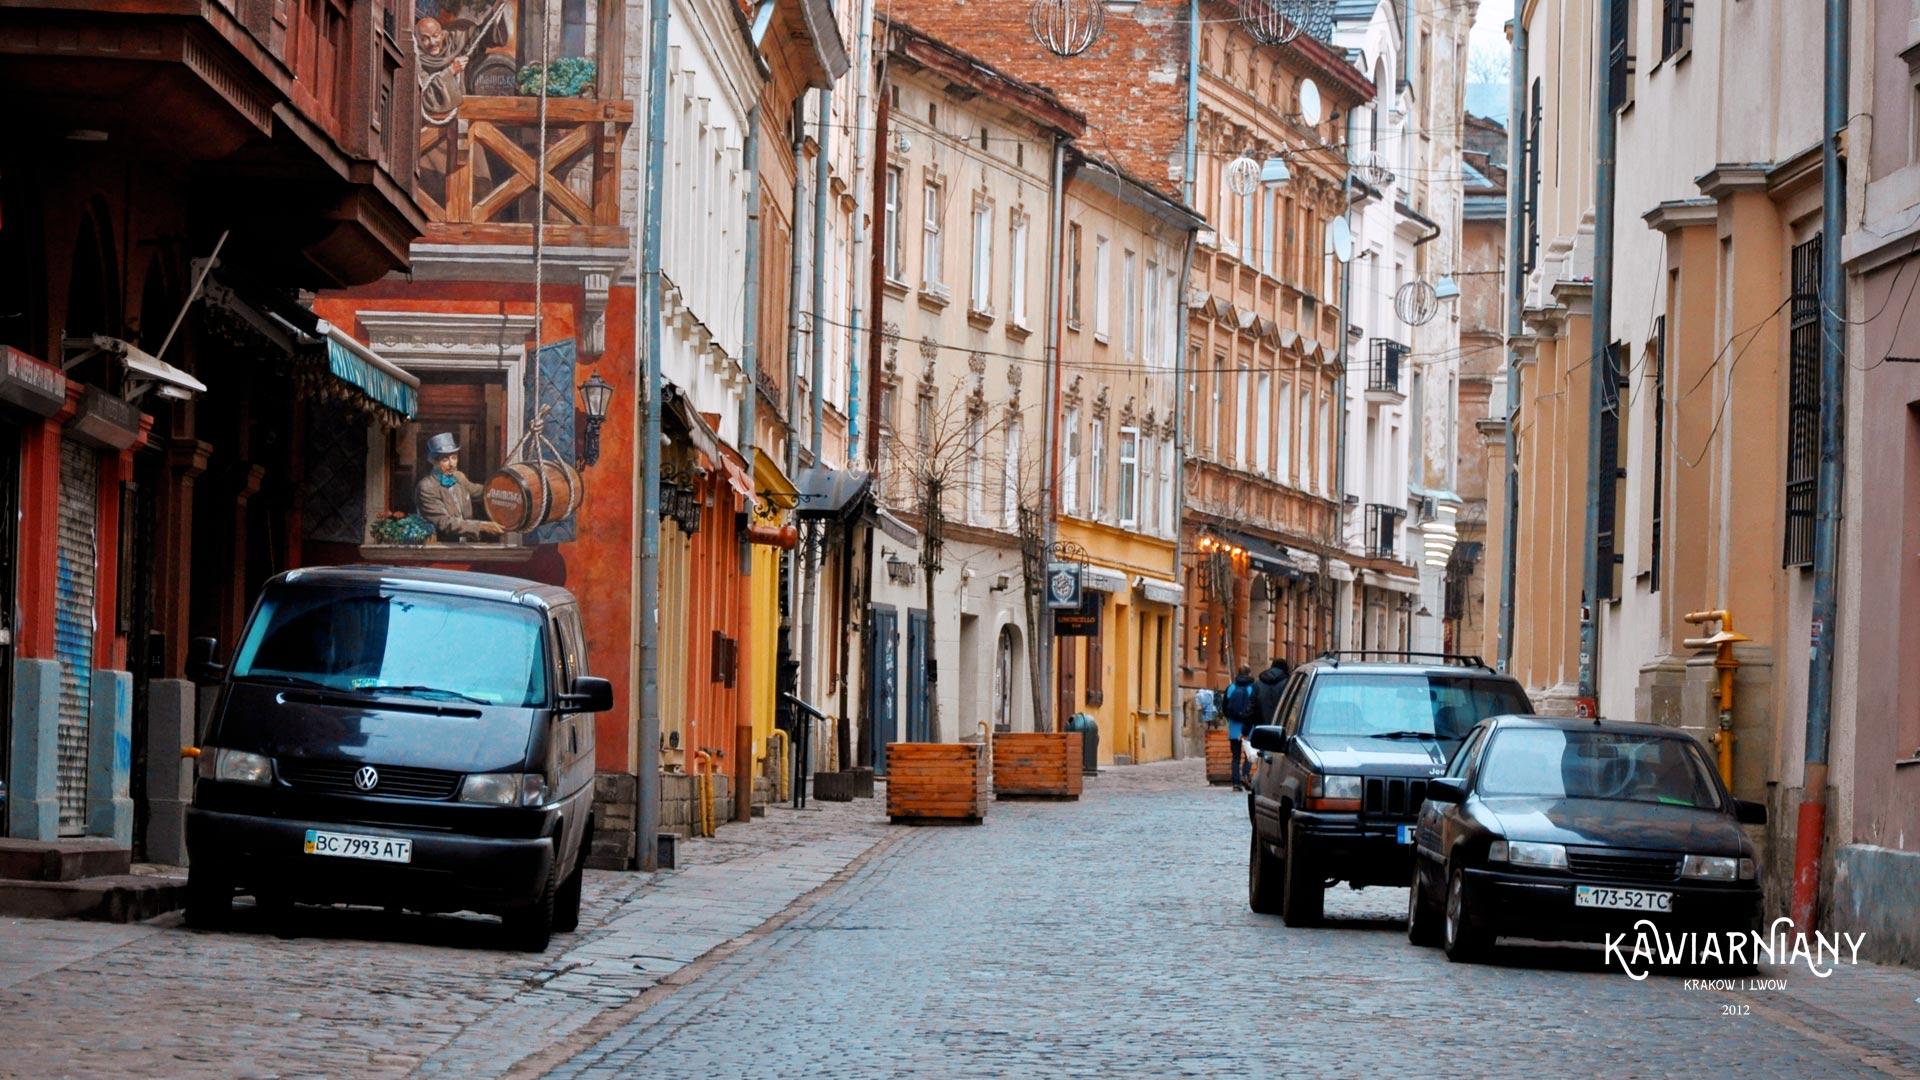 Parkowanie we Lwowie będzie droższe – ceny w parkometrach